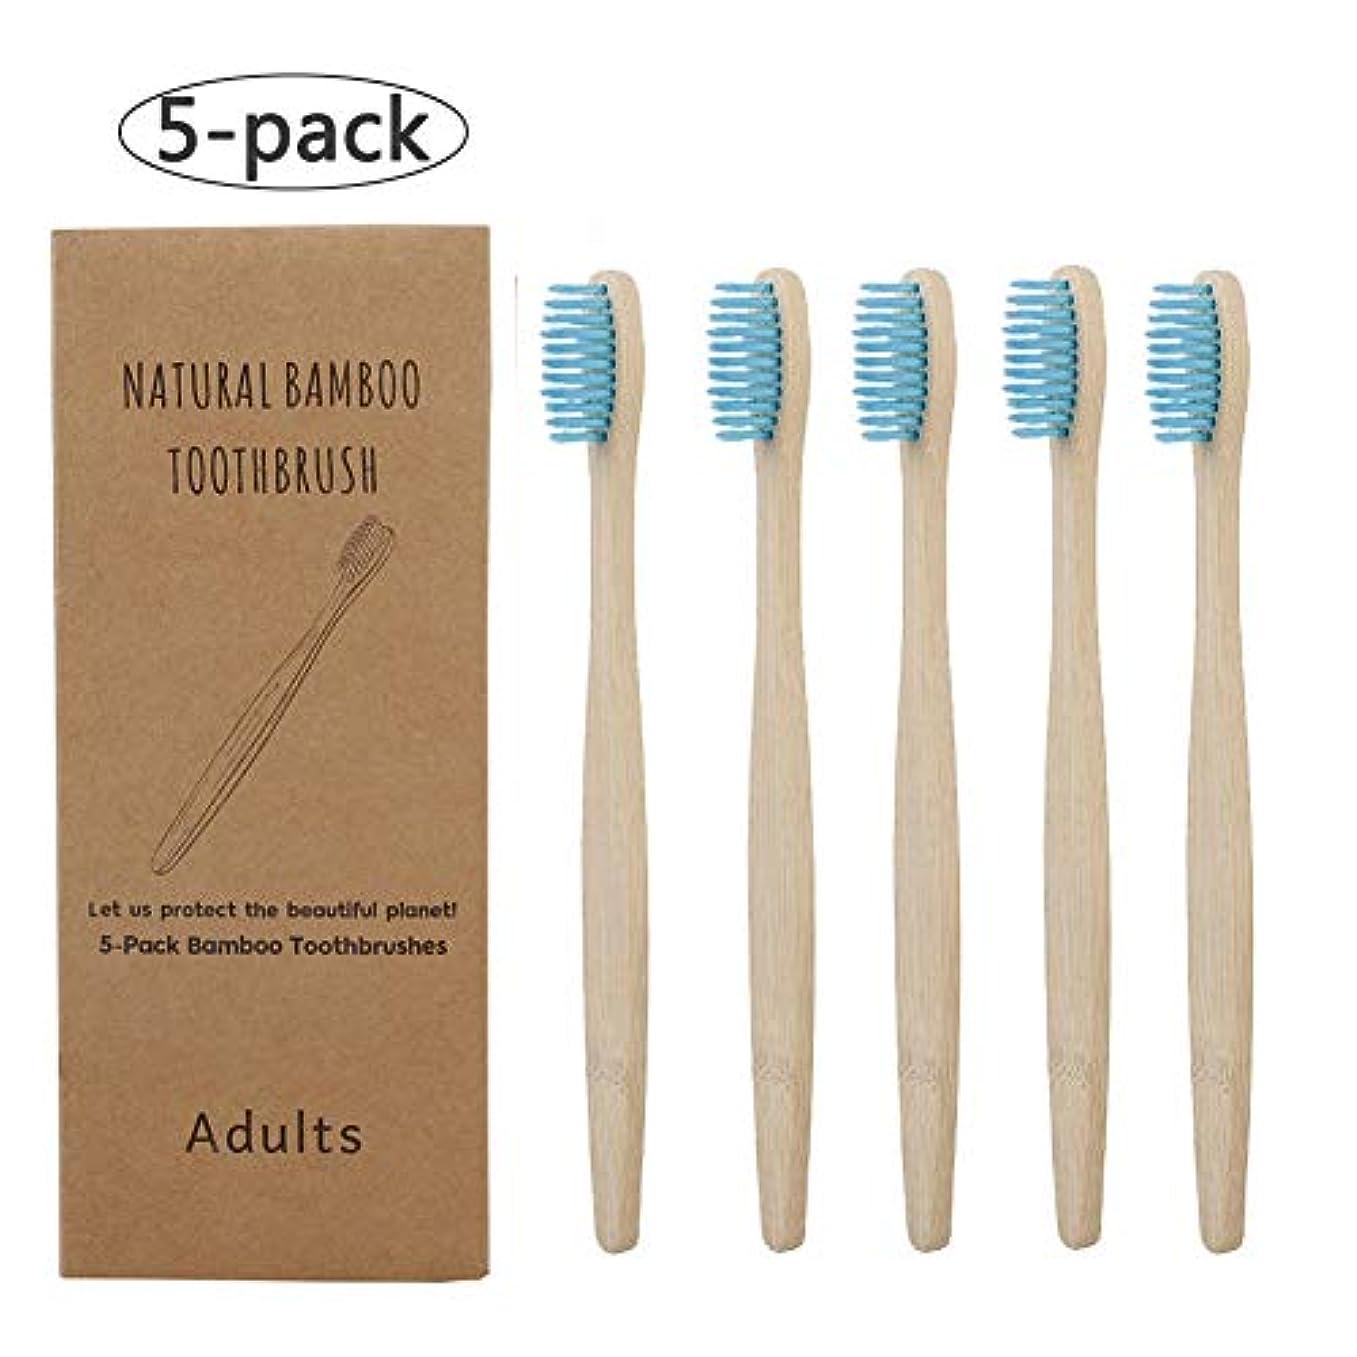 シロクマ平日揺れるDoo 5pcs 竹の歯ブラシ 大人用 柔らかい剛毛 環境保護 自然竹ハンドル 軟毛歯ブラシ 口腔ケア ブルー